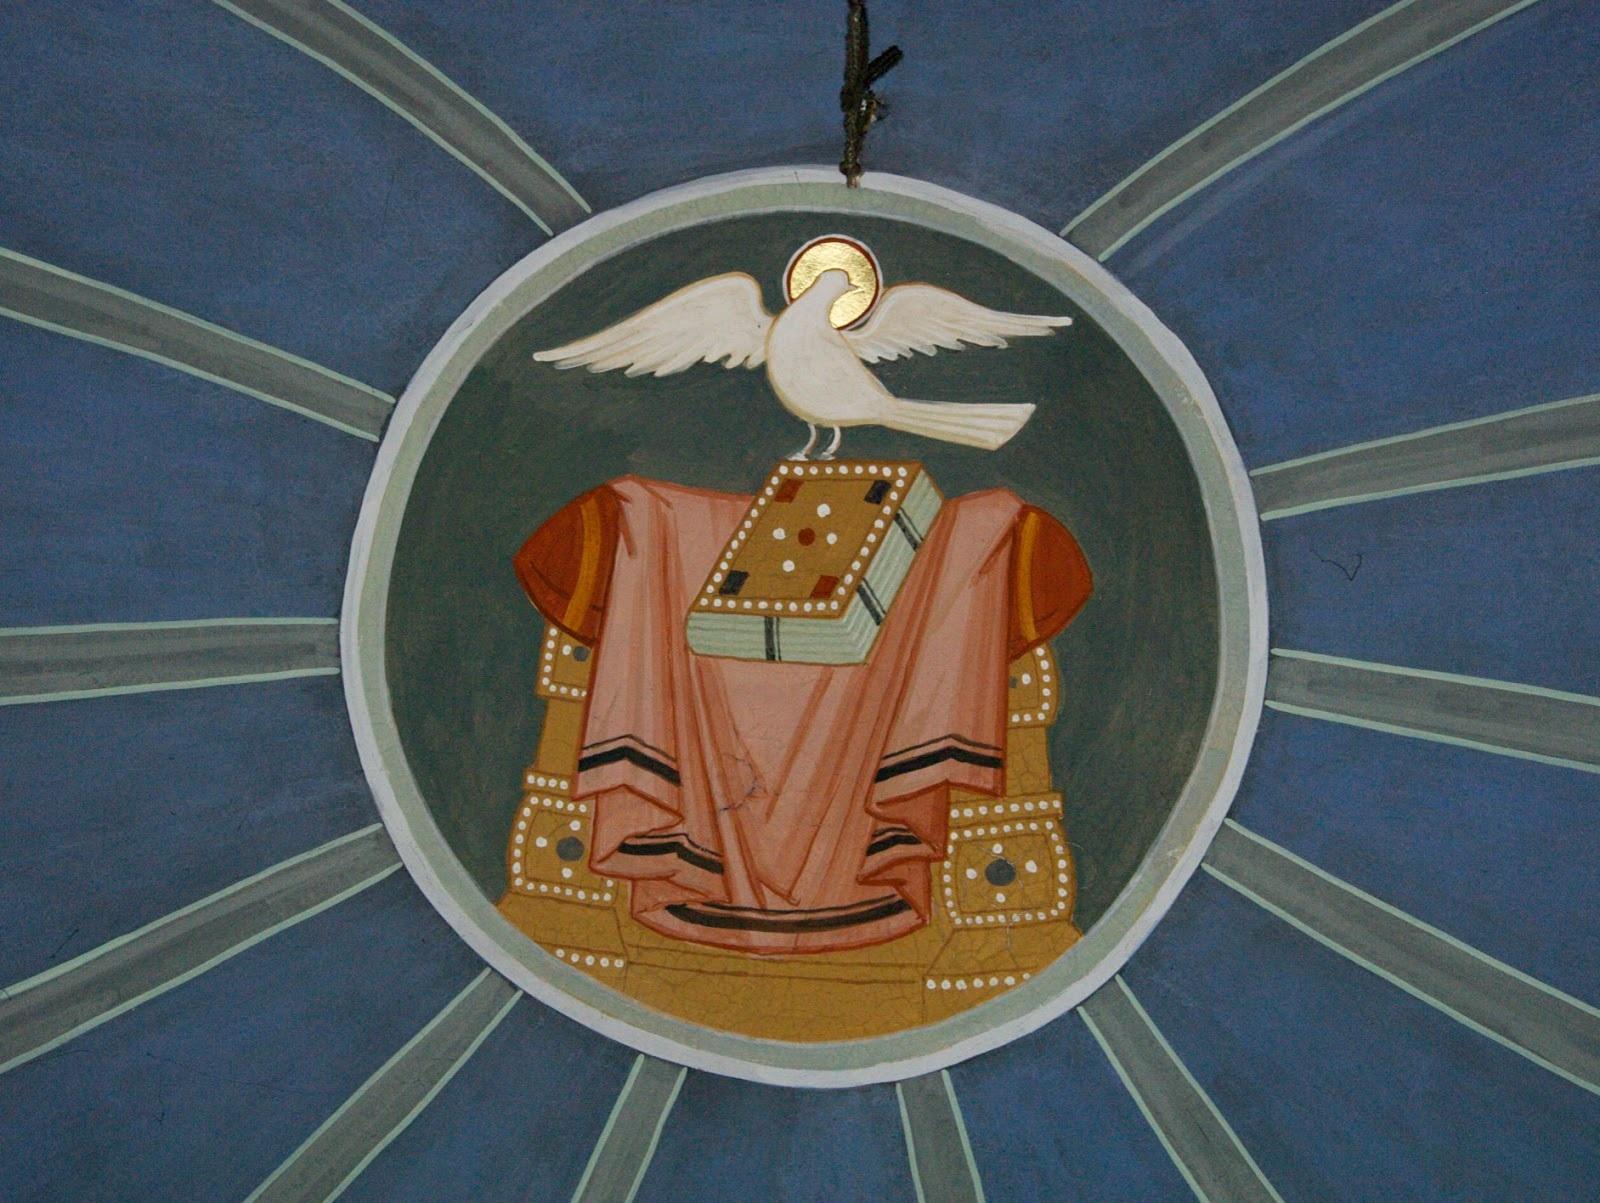 Tražiti svjetlo vjere zazivajući Svetog Duha